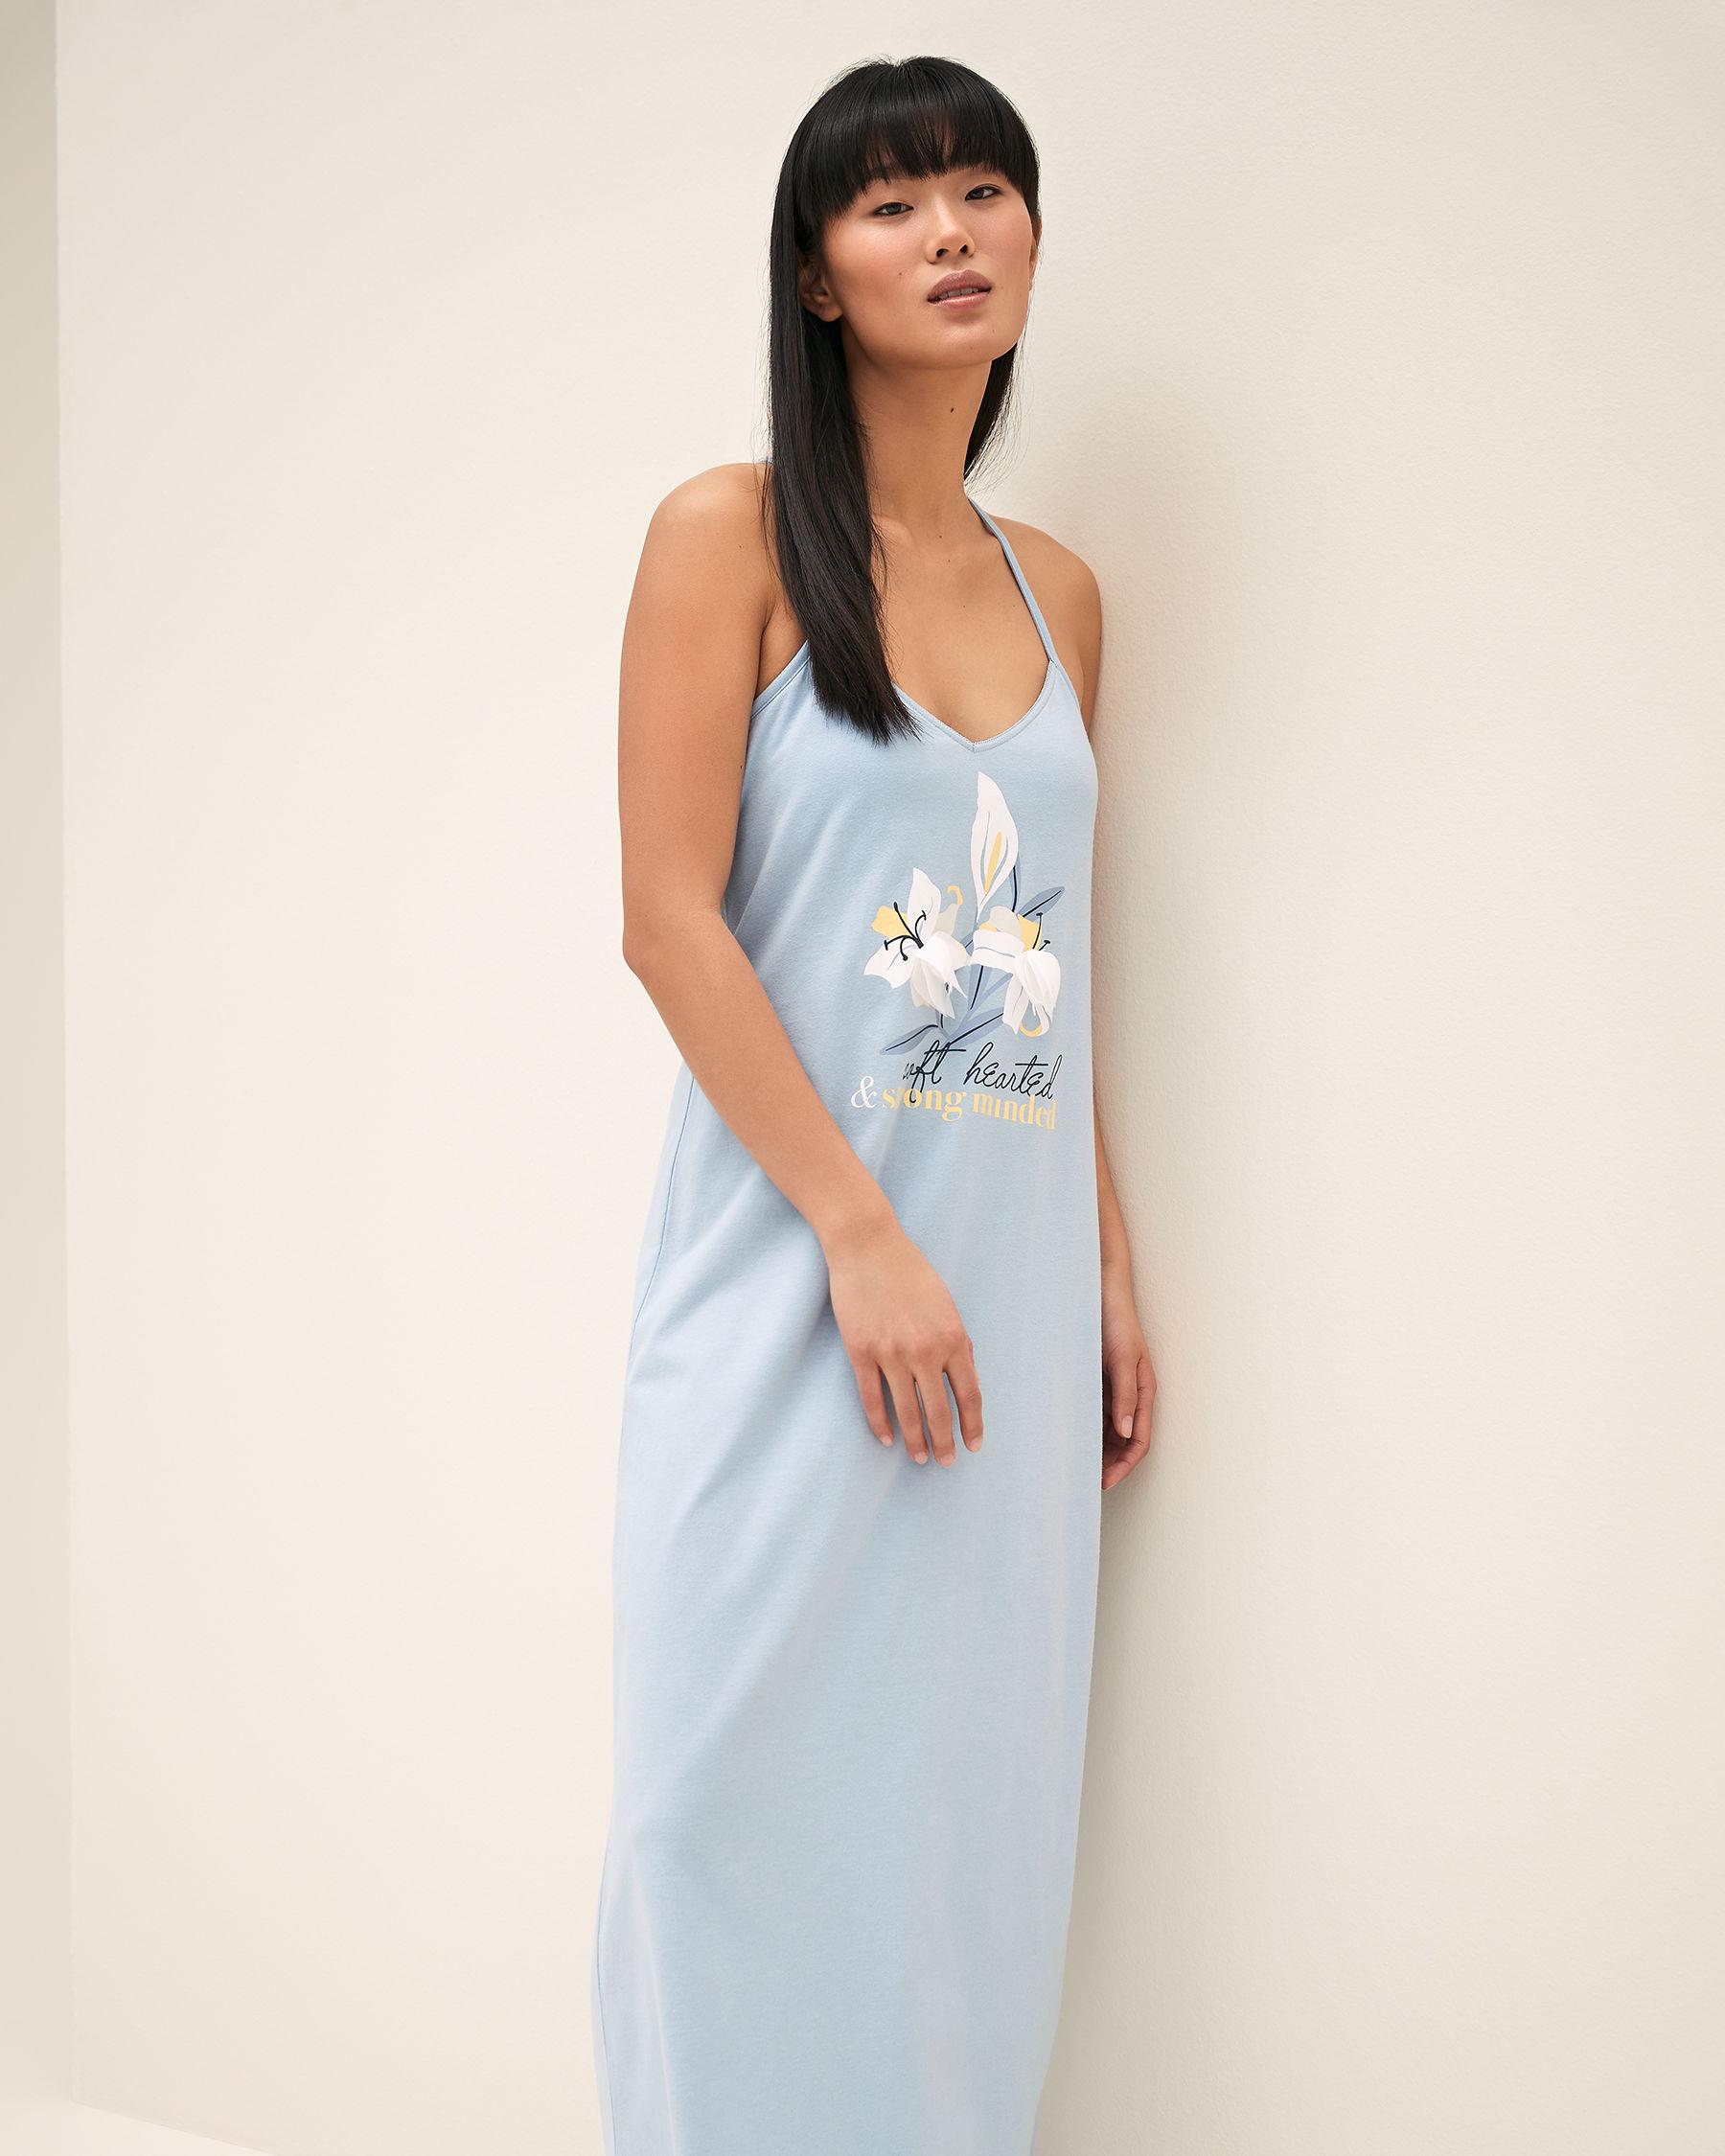 LA VIE EN ROSE 3D Petals Gown Blue sky 40500011 - View1